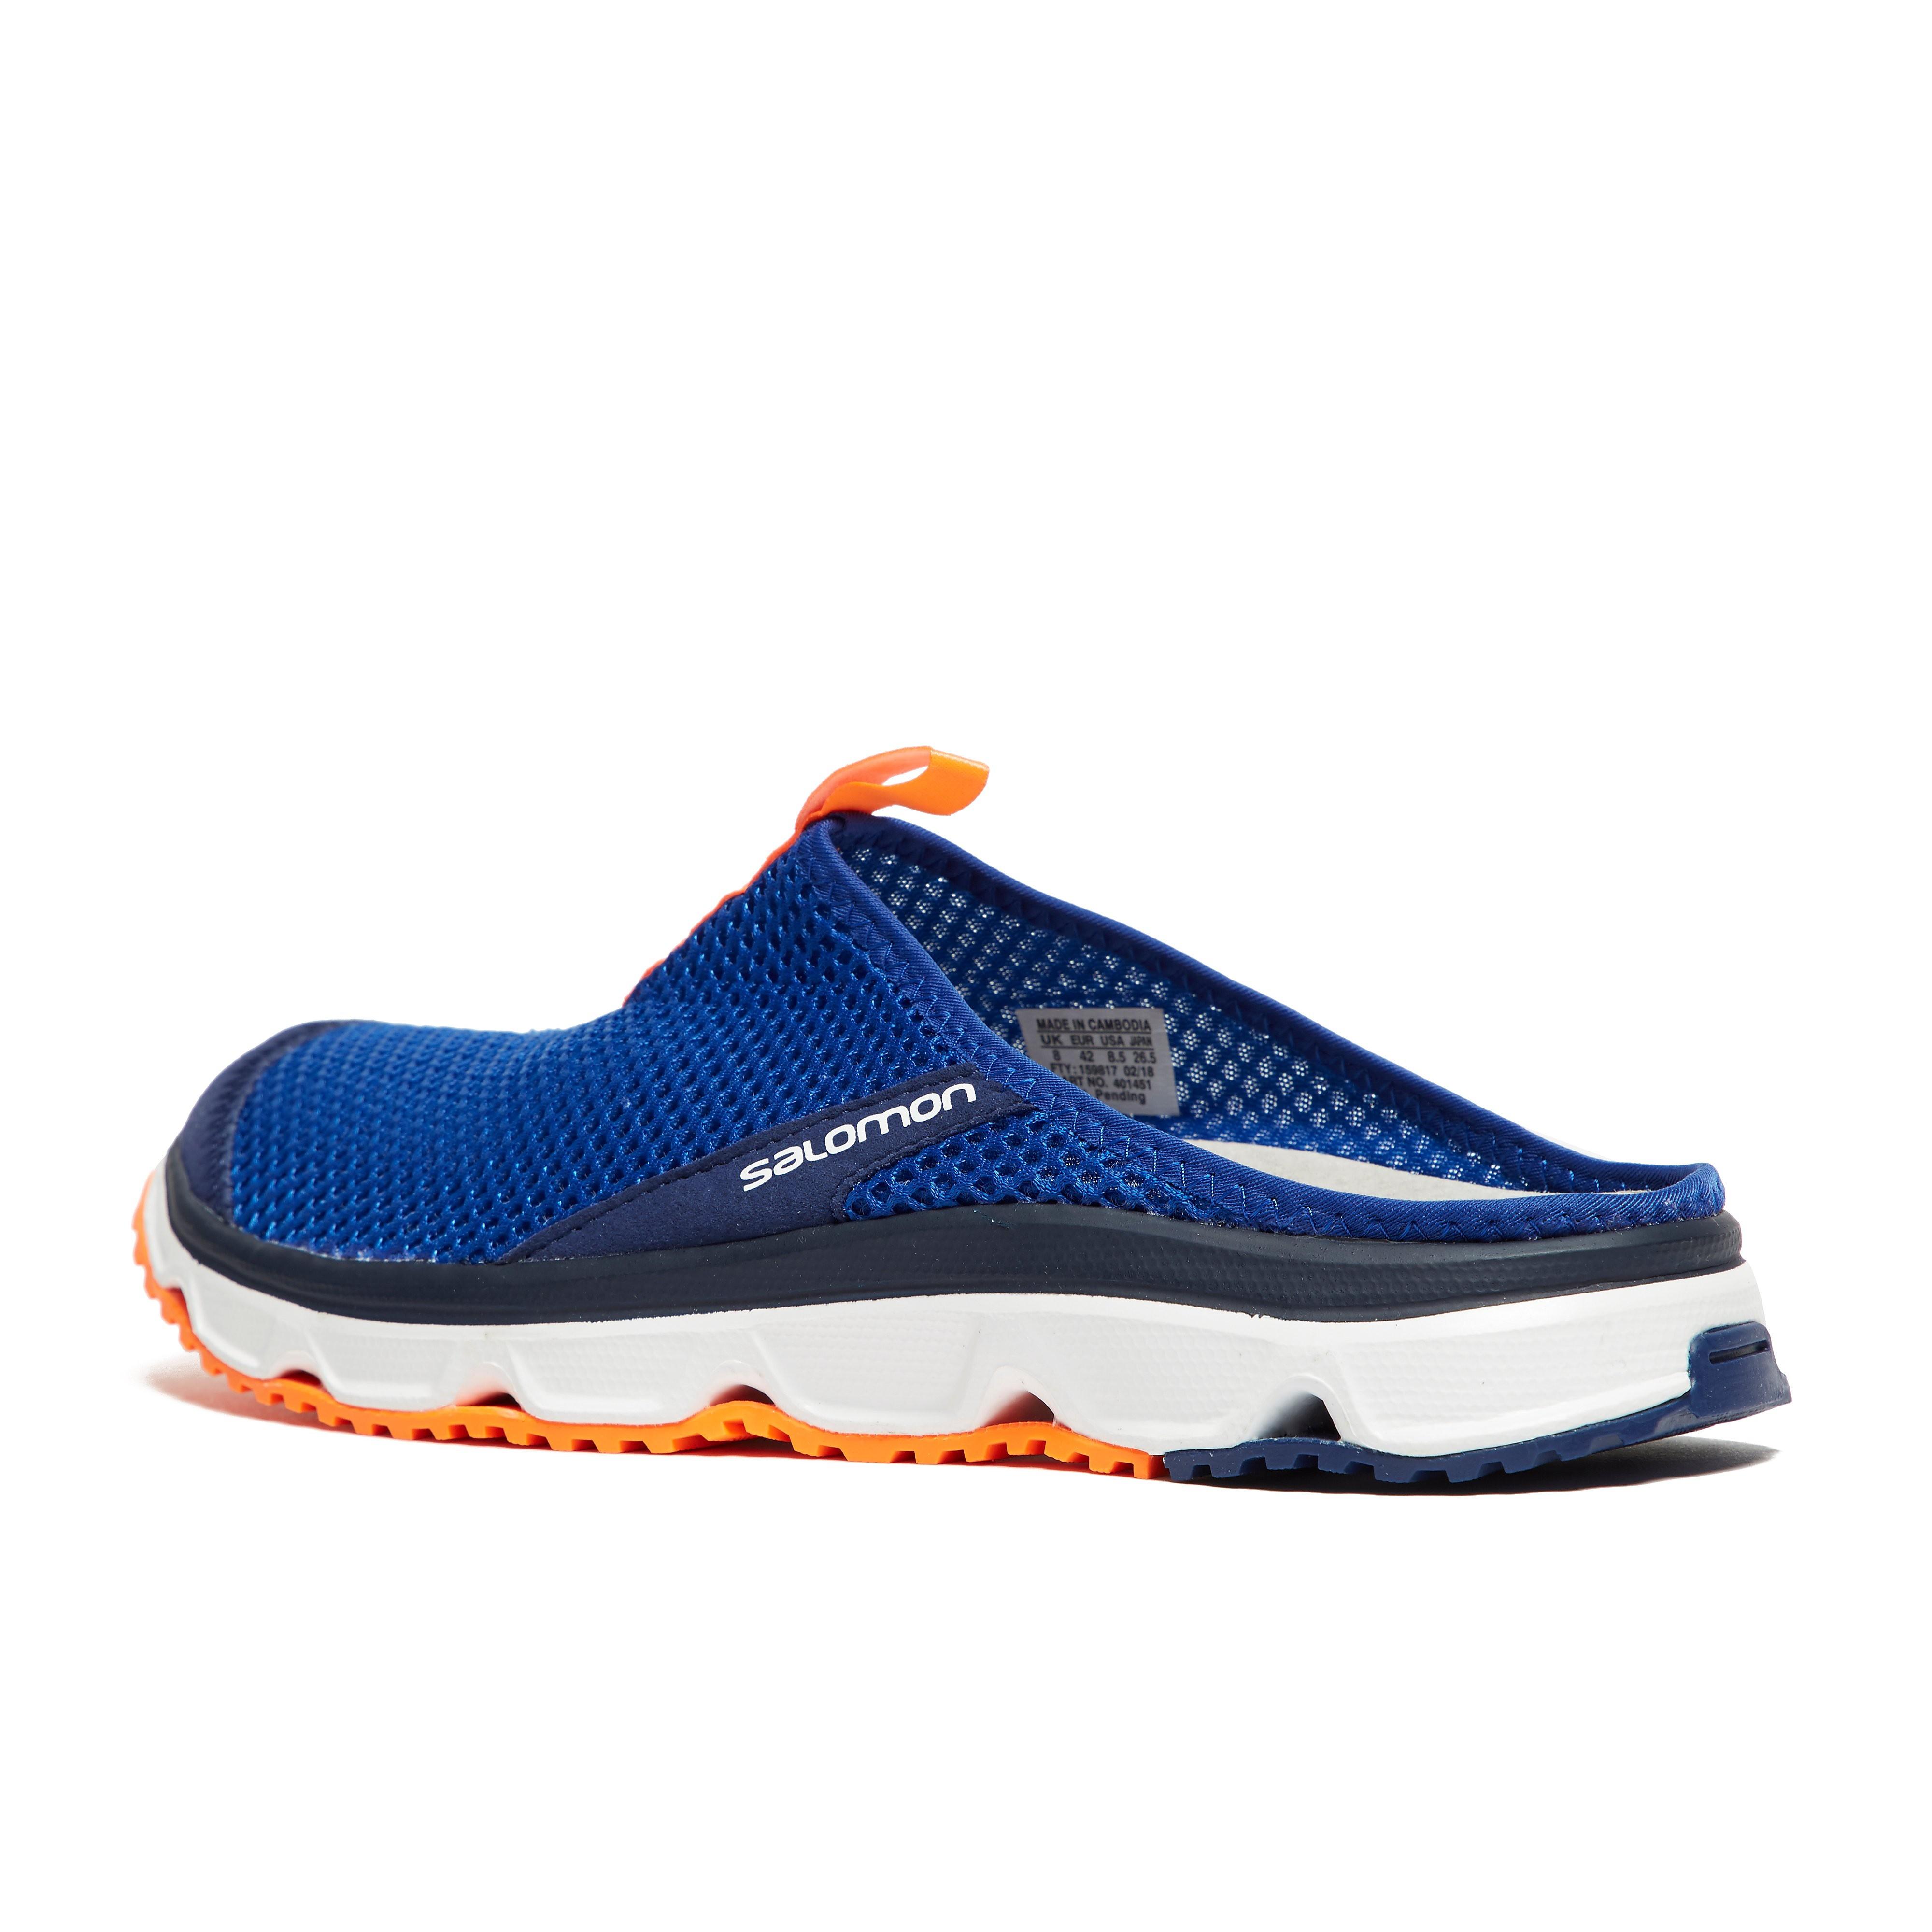 Salomon RX Slide 3.0 Men's Sandals